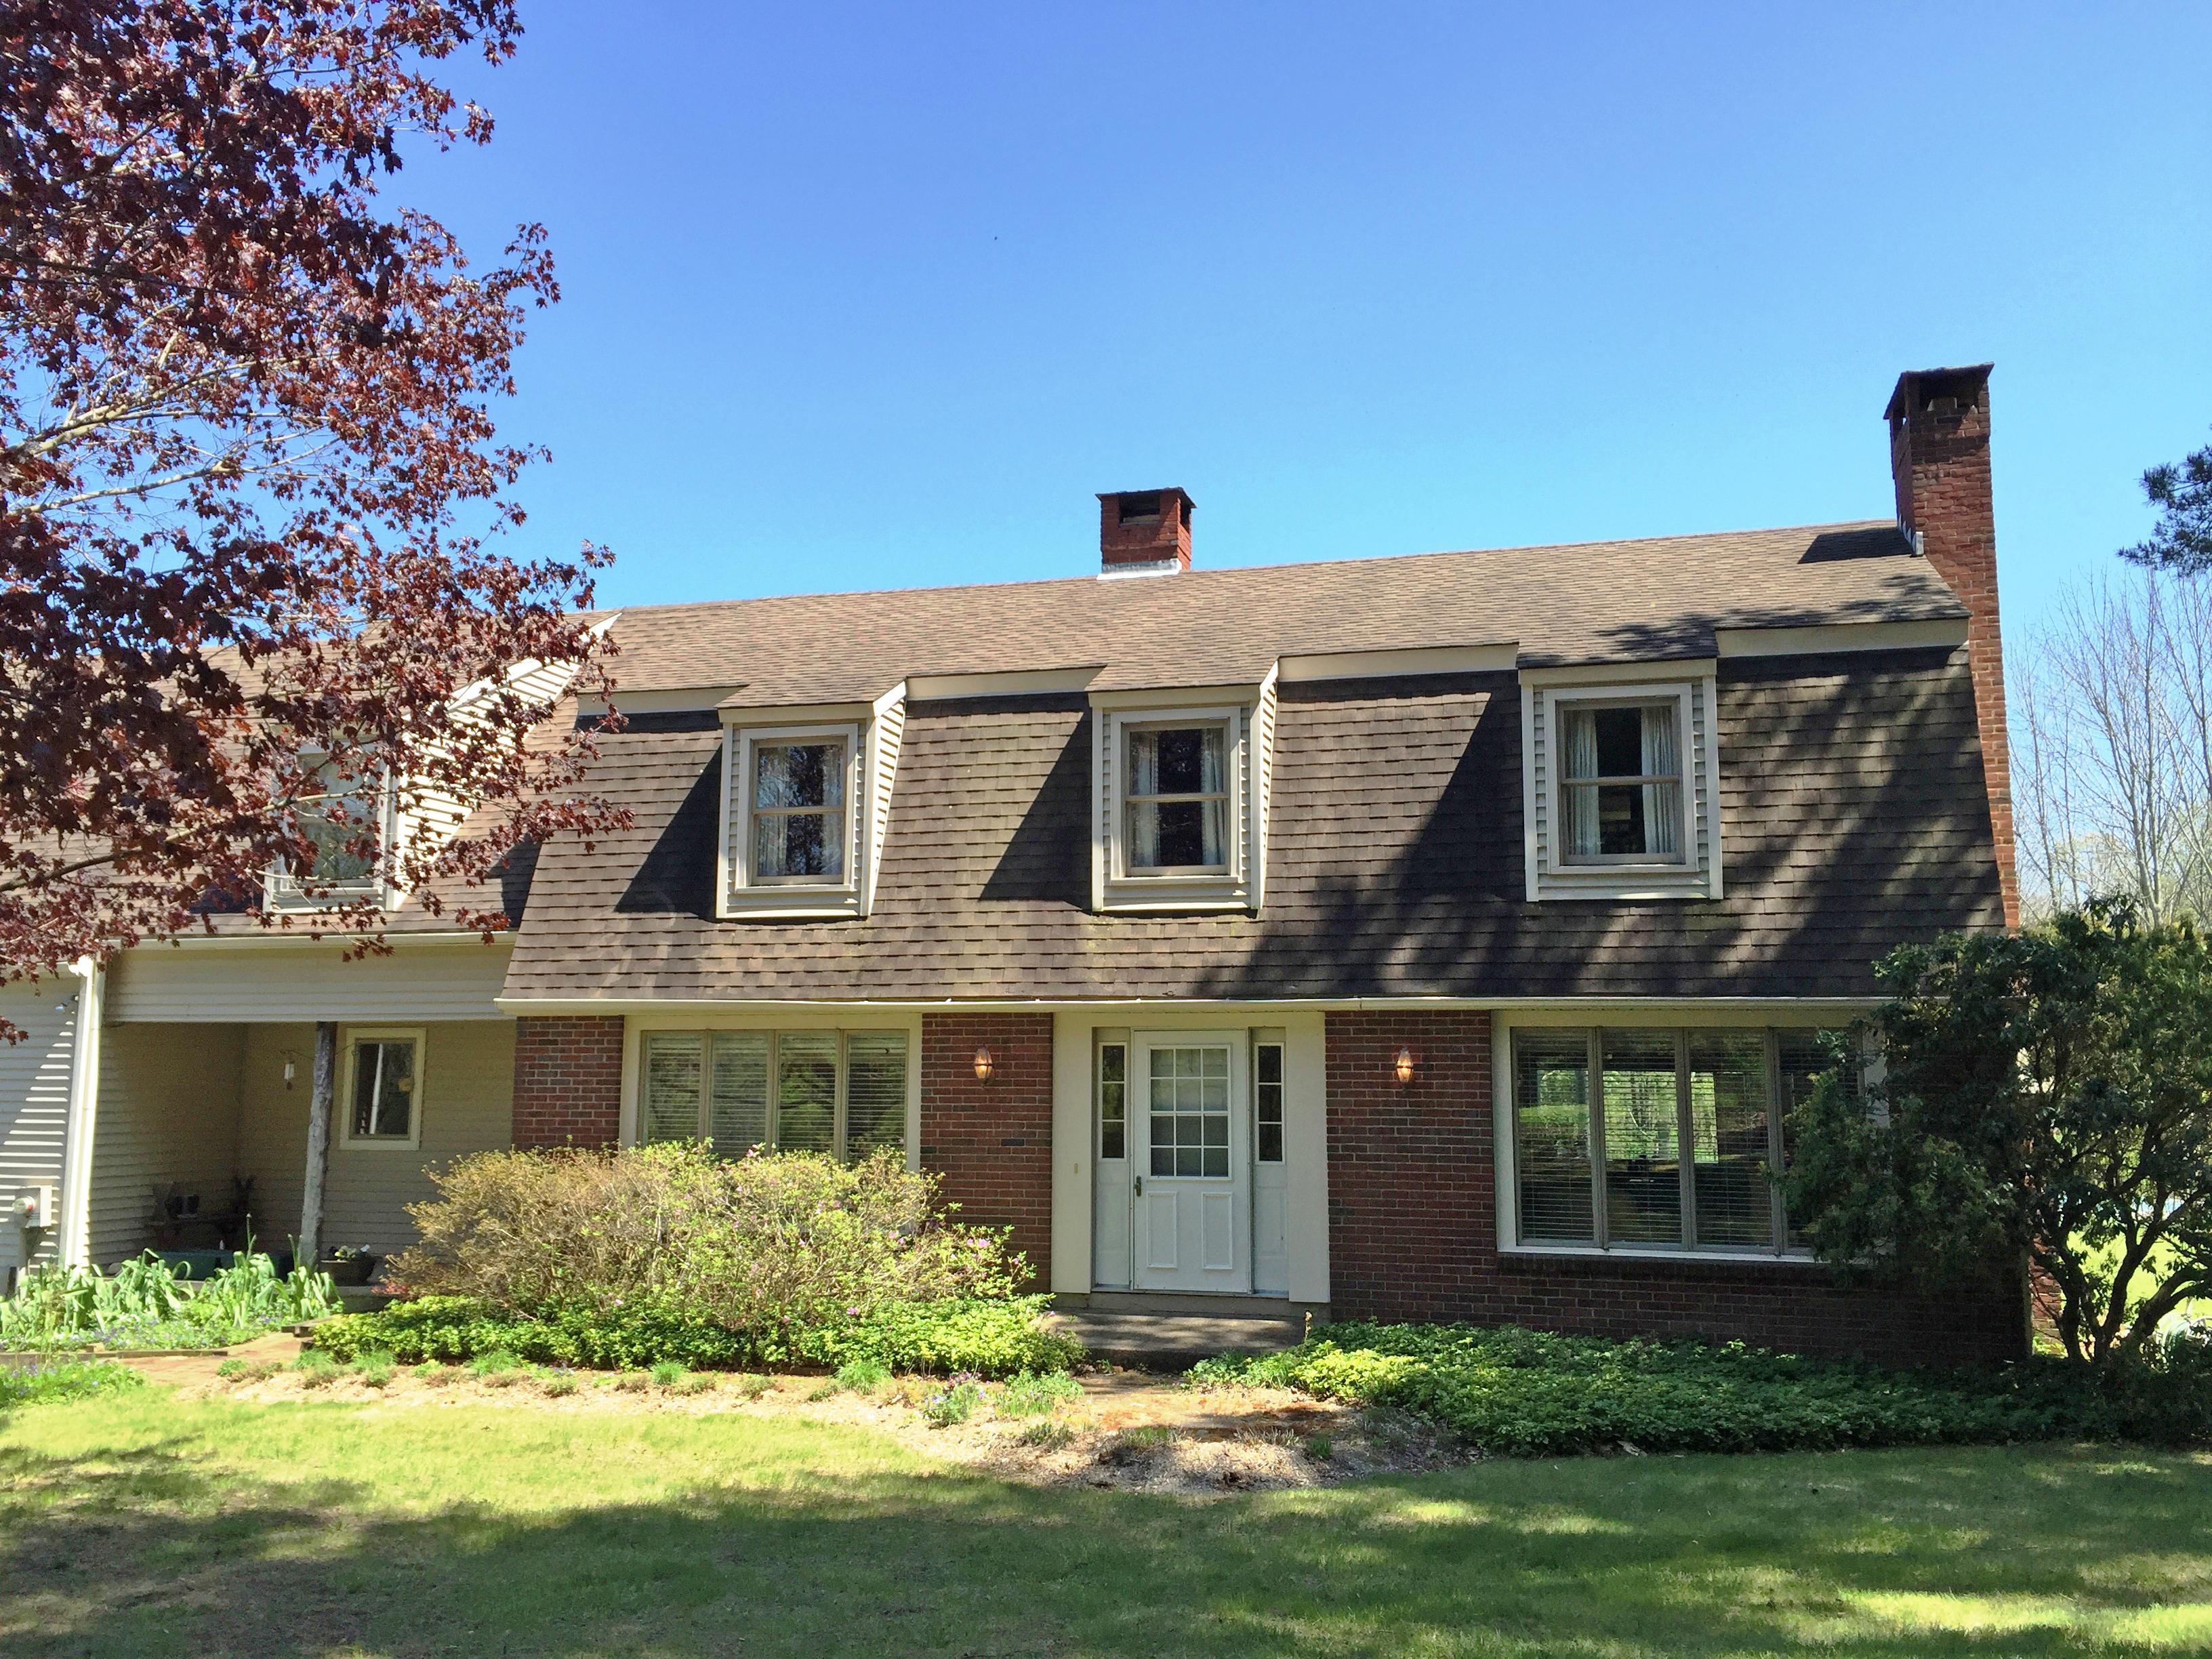 独户住宅 为 销售 在 Country Home 27 Winston Dr 华盛顿, 康涅狄格州, 06794 美国